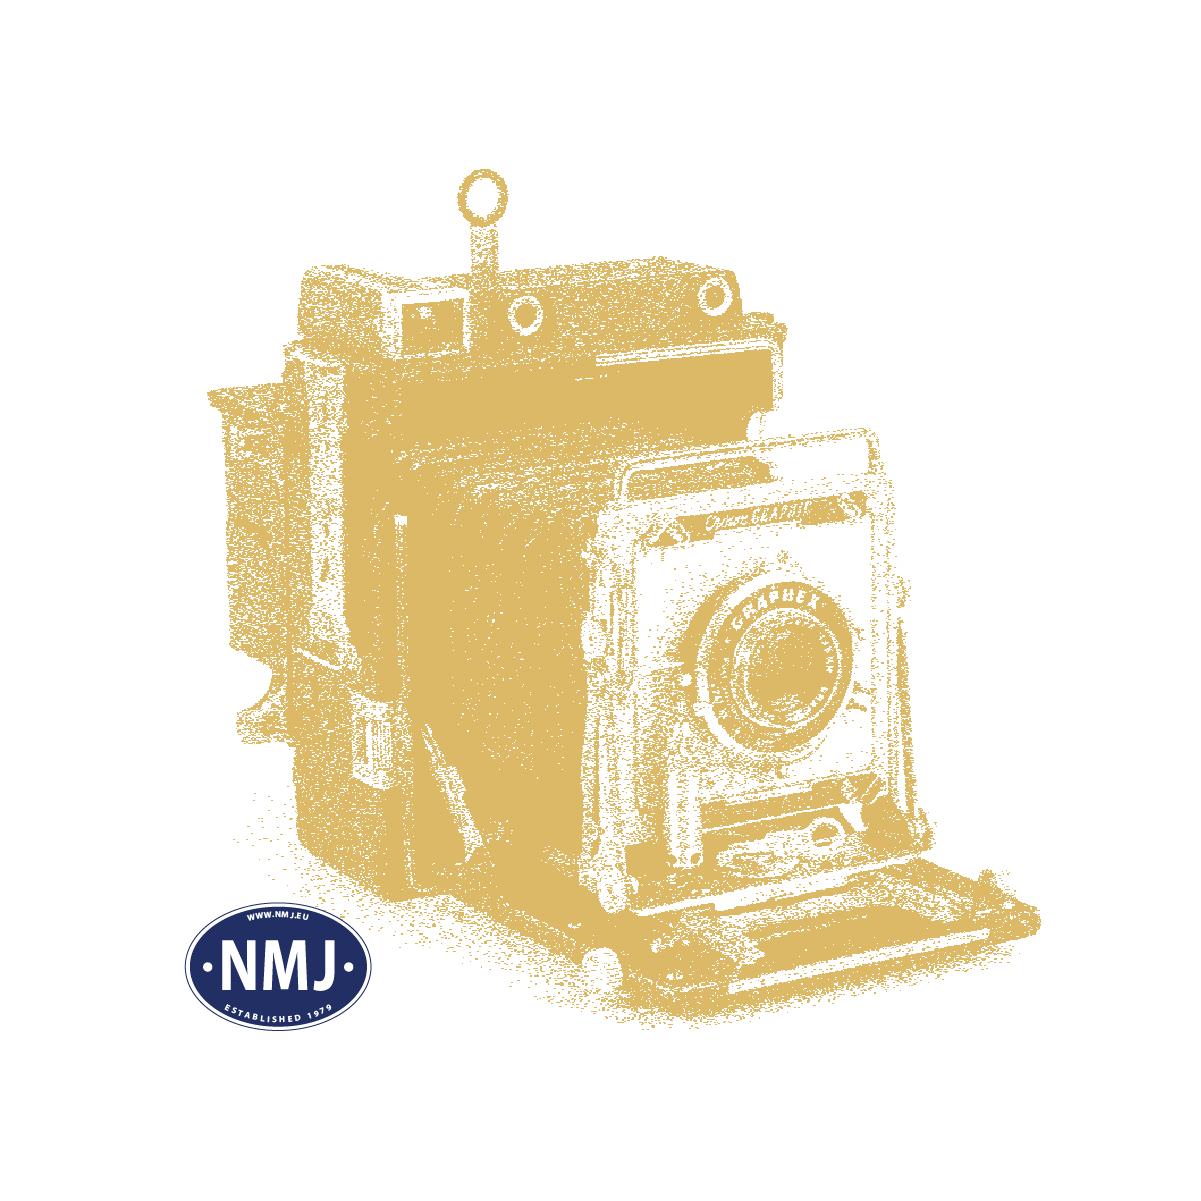 NMJ DVD - Finseanlegget